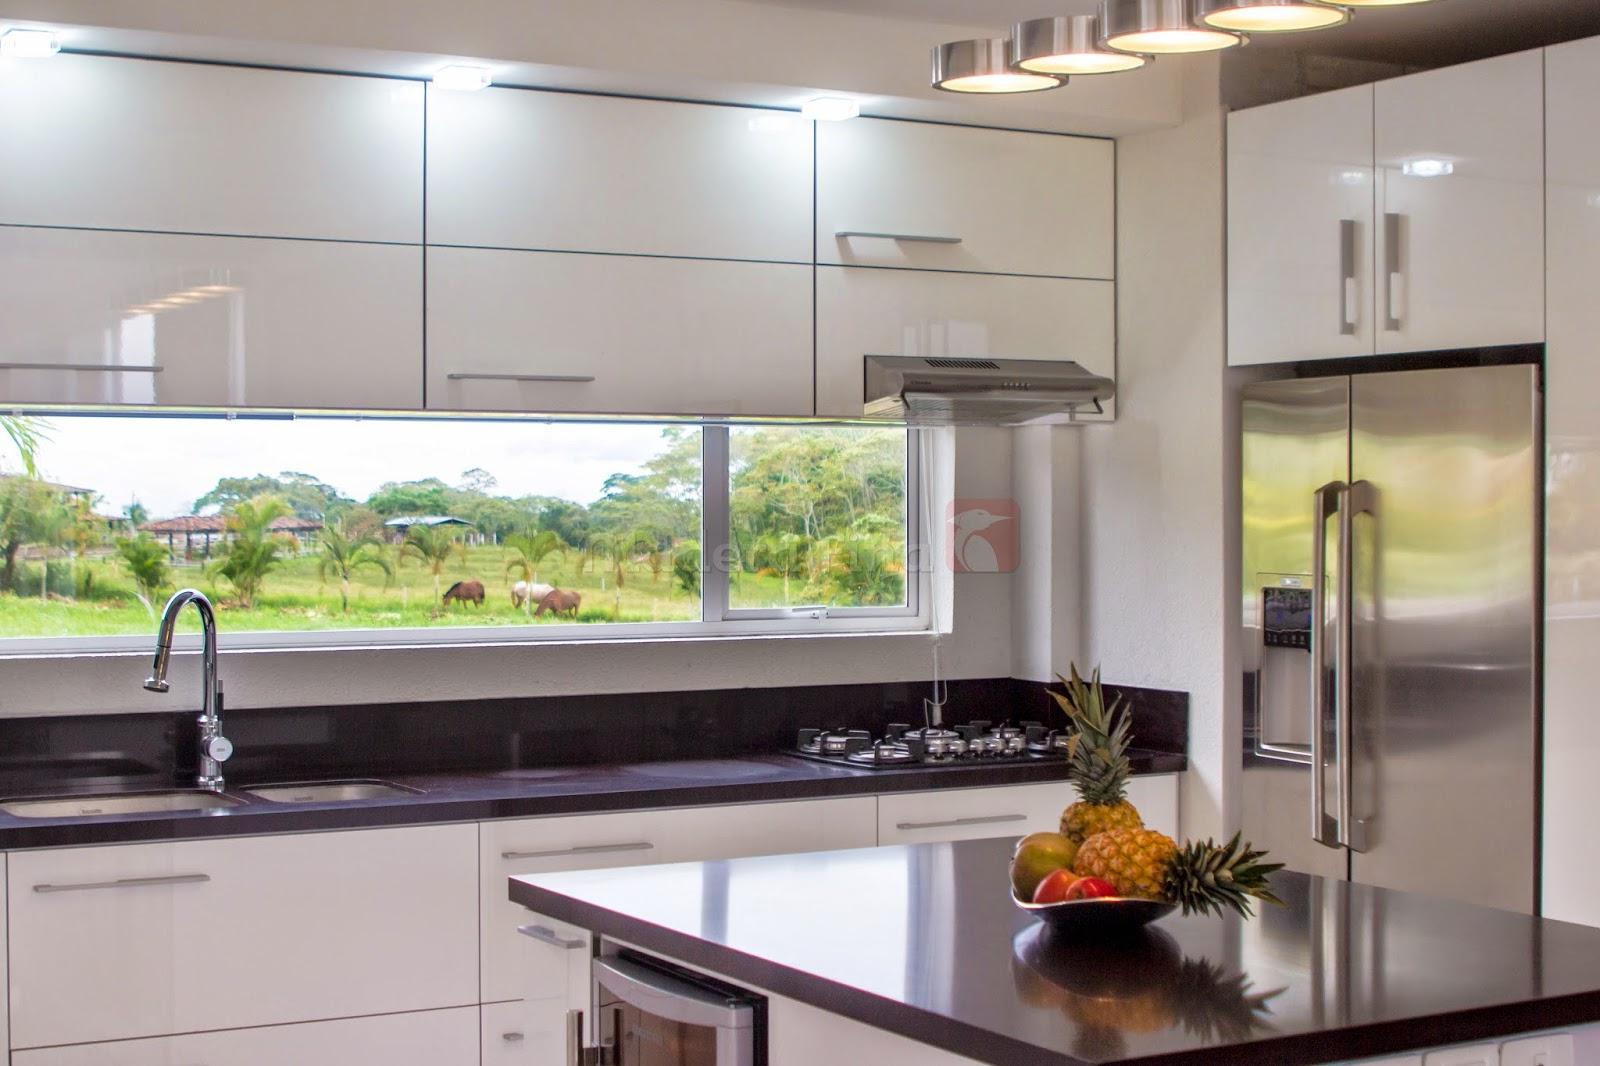 Cocina moderna blanca cocinas integrales pereira for Cocinas integrales blancas modernas